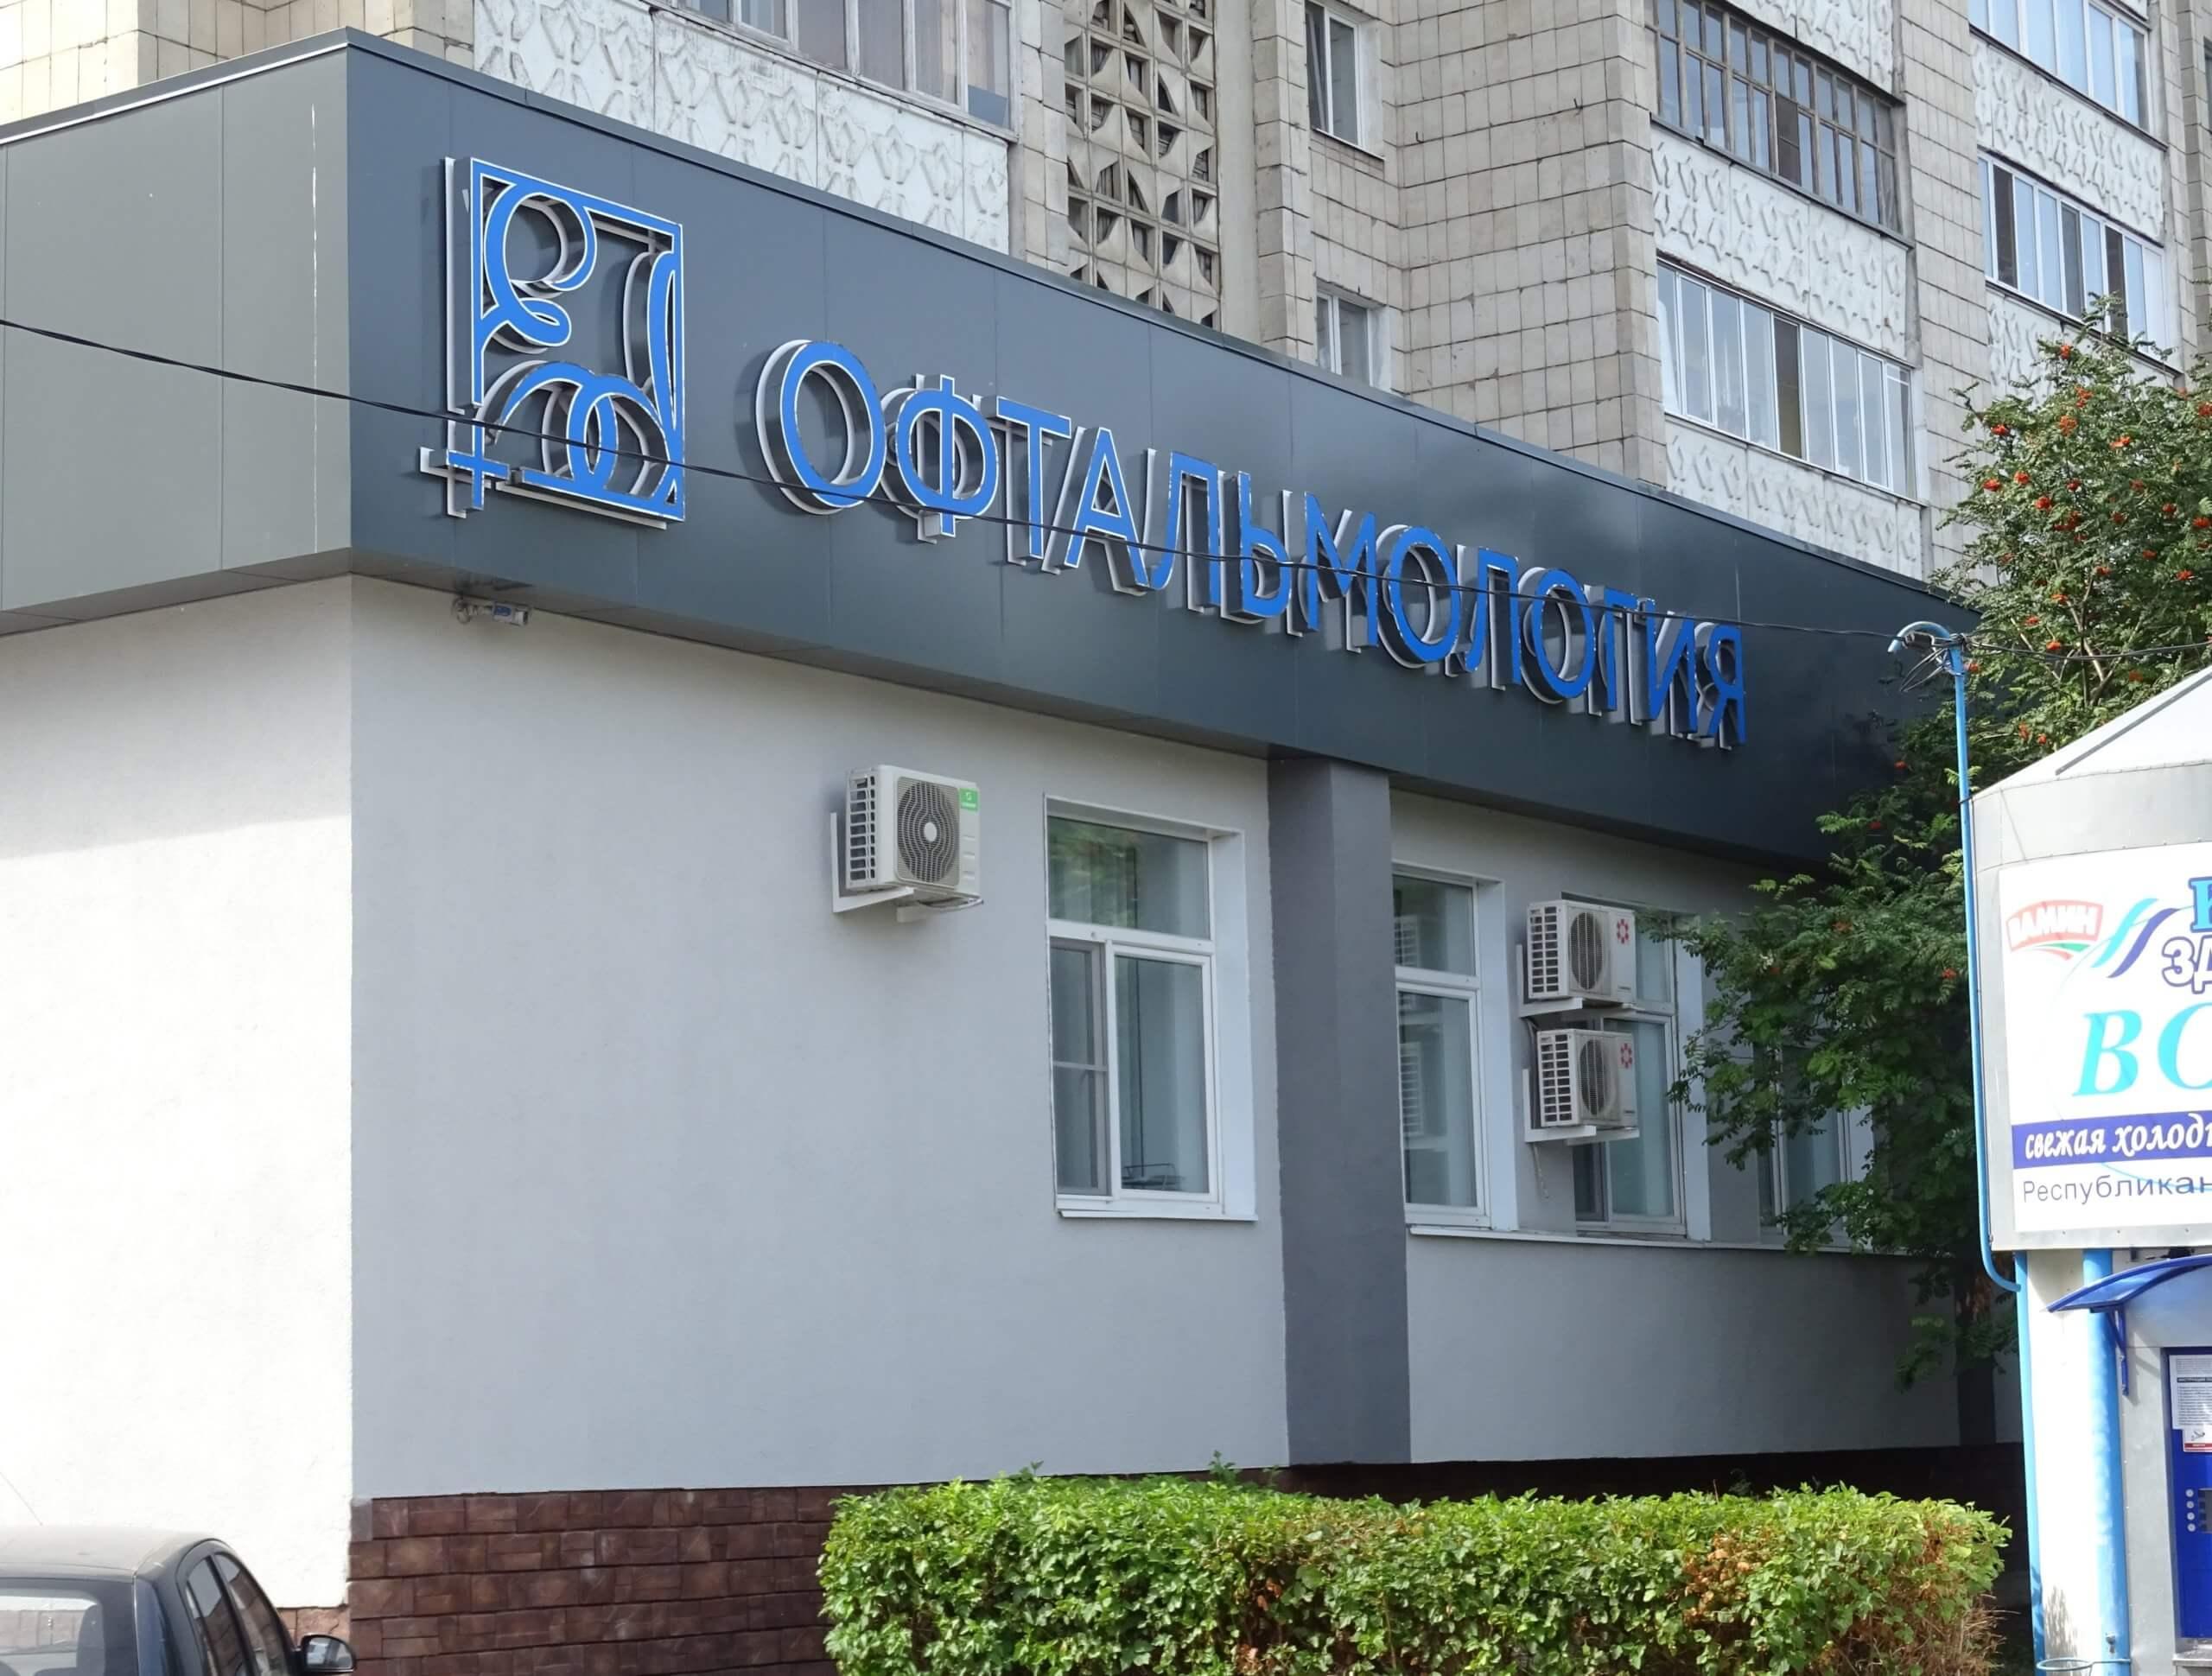 Центр челюстно-лицевой хирургии и парадонтологии, ул. Космонавтов, 42.